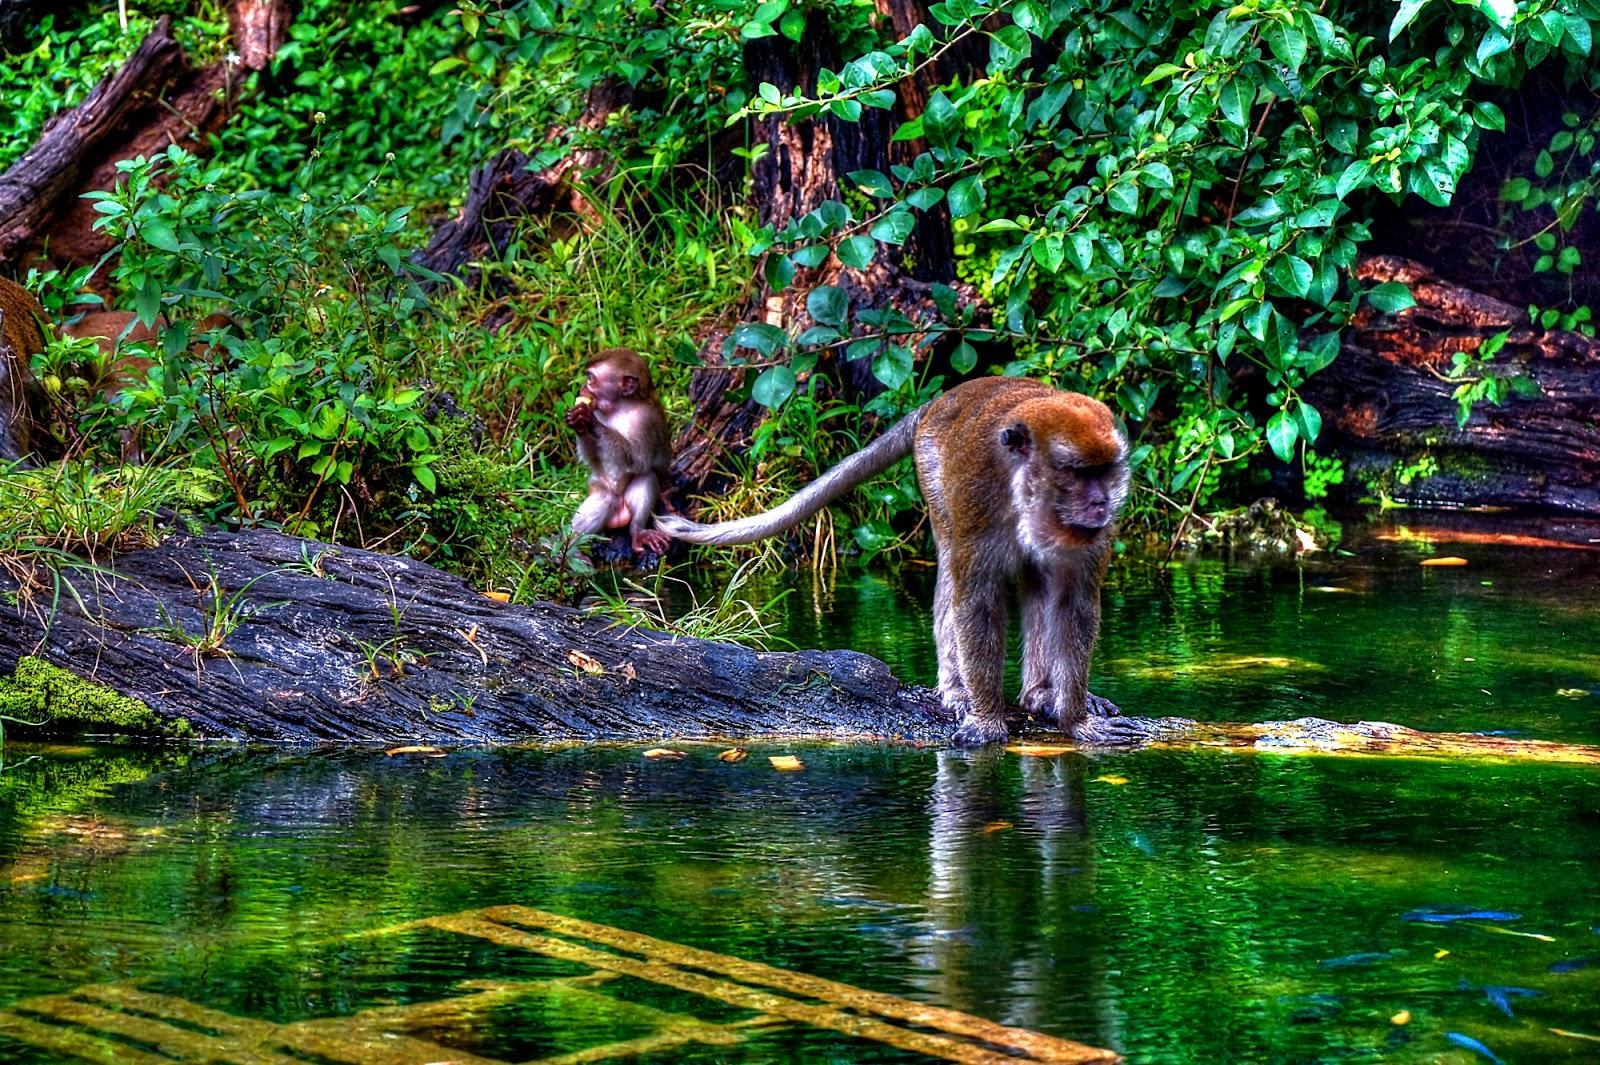 защемления обезьянки в джунглях картинка сколько людей